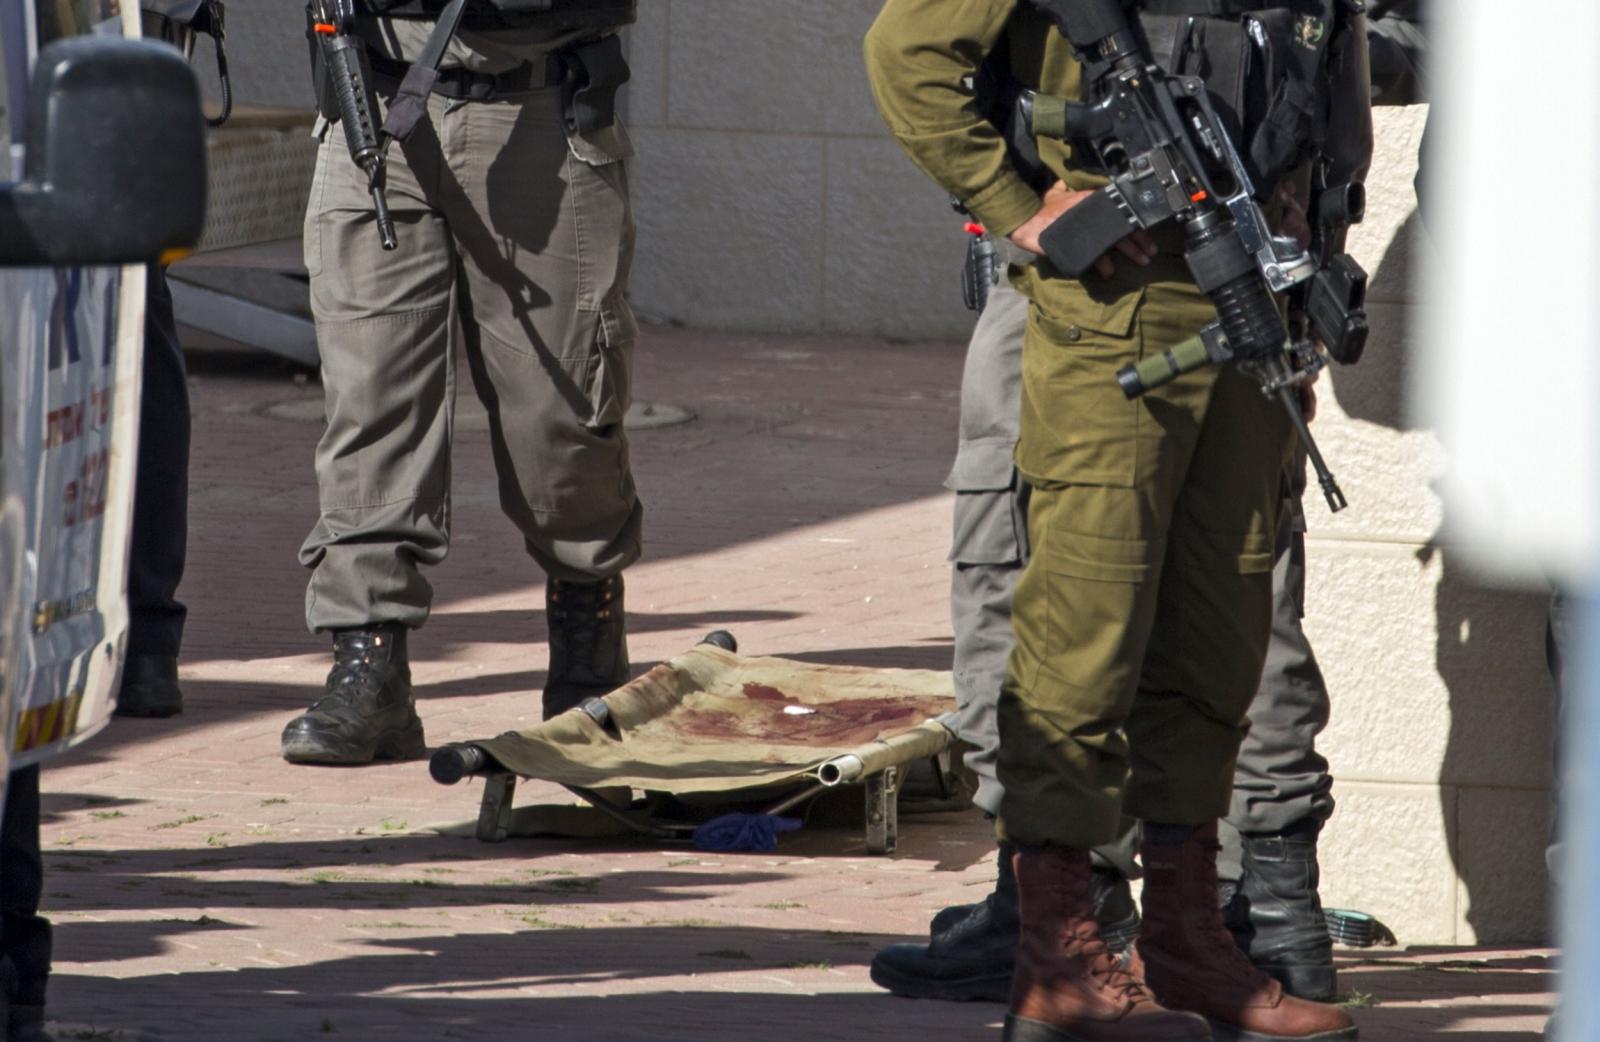 Izraelska straż na miejscu podejrzanego ataku, w punkcie kontrolnym Hizma na północ od Jerozolimy. Fot. PAP/EPA/ATEF SAFADI